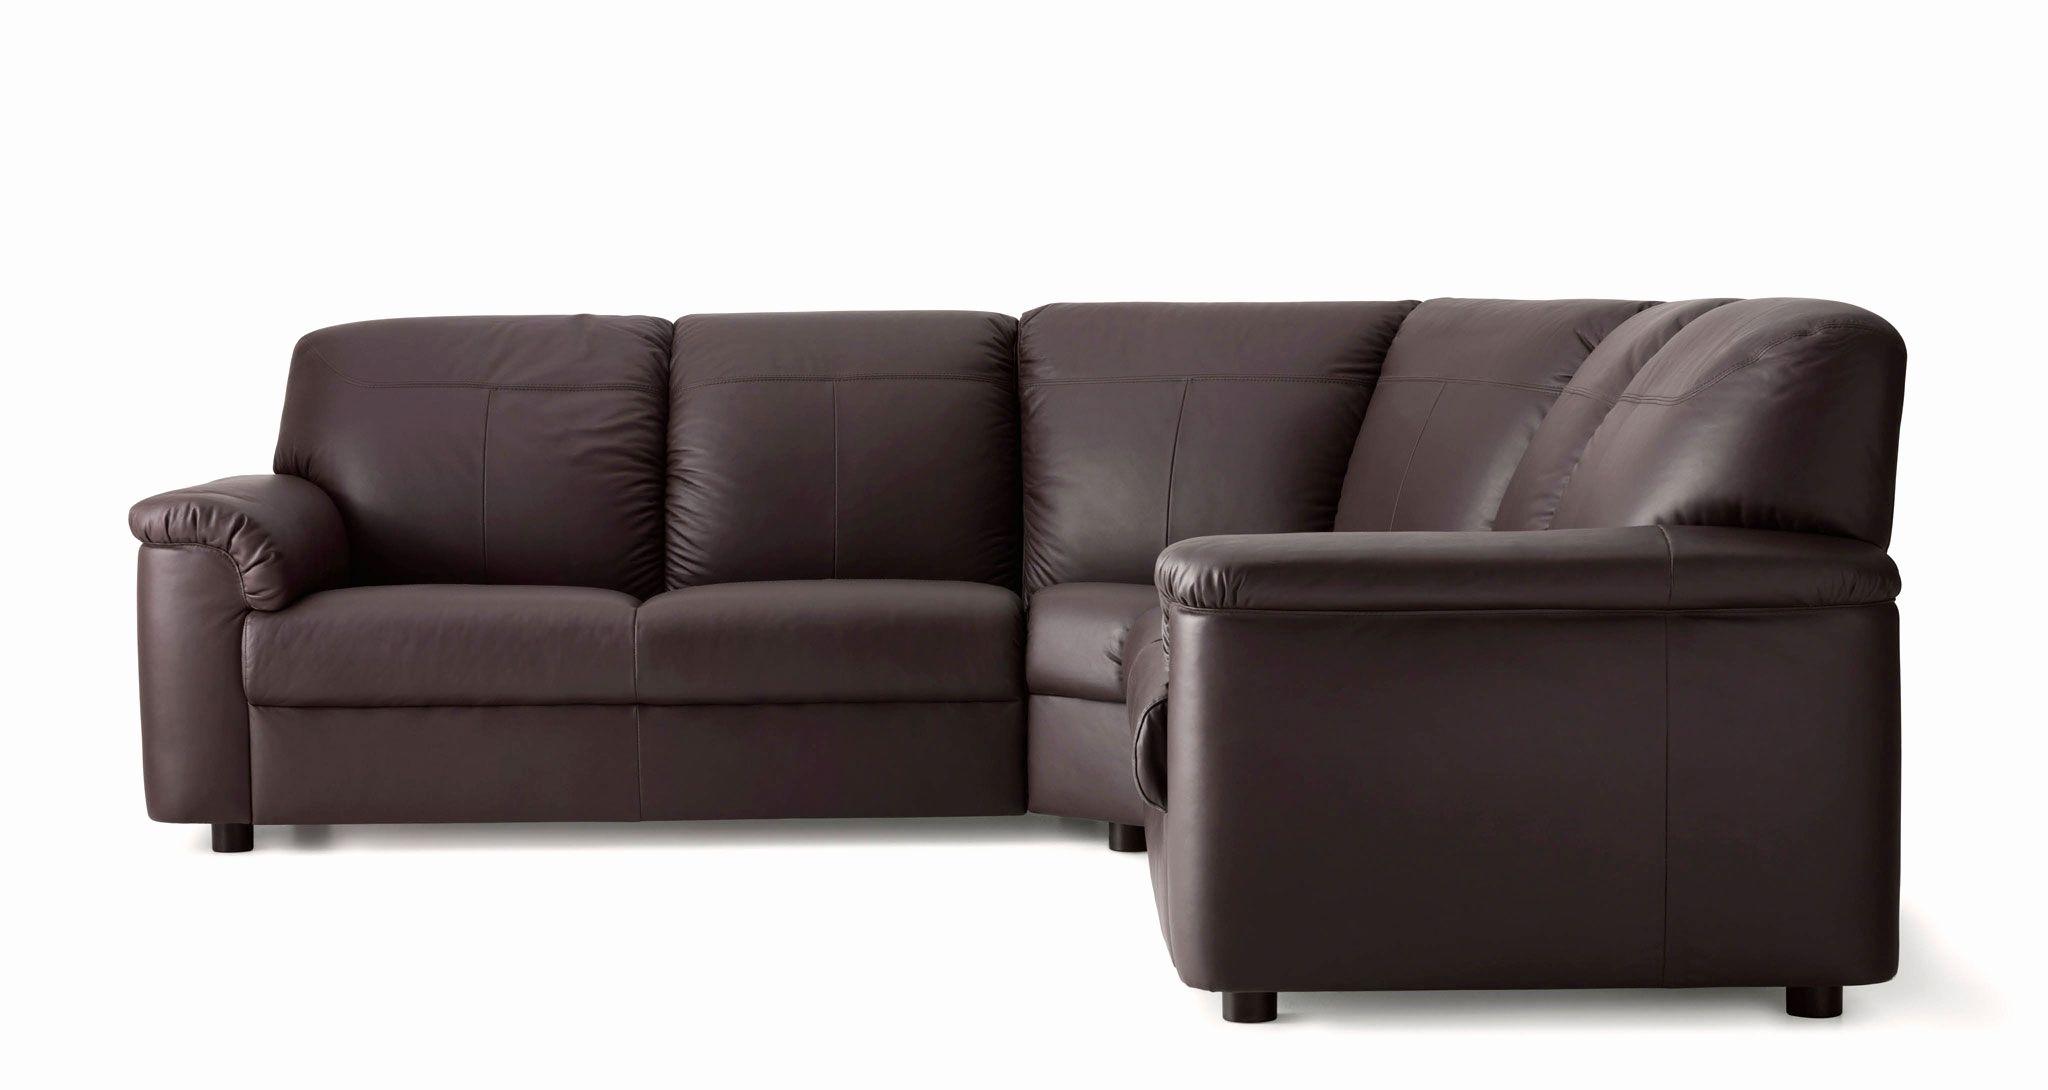 Small Corner Sofa Ikea Intermission The Super Flexible